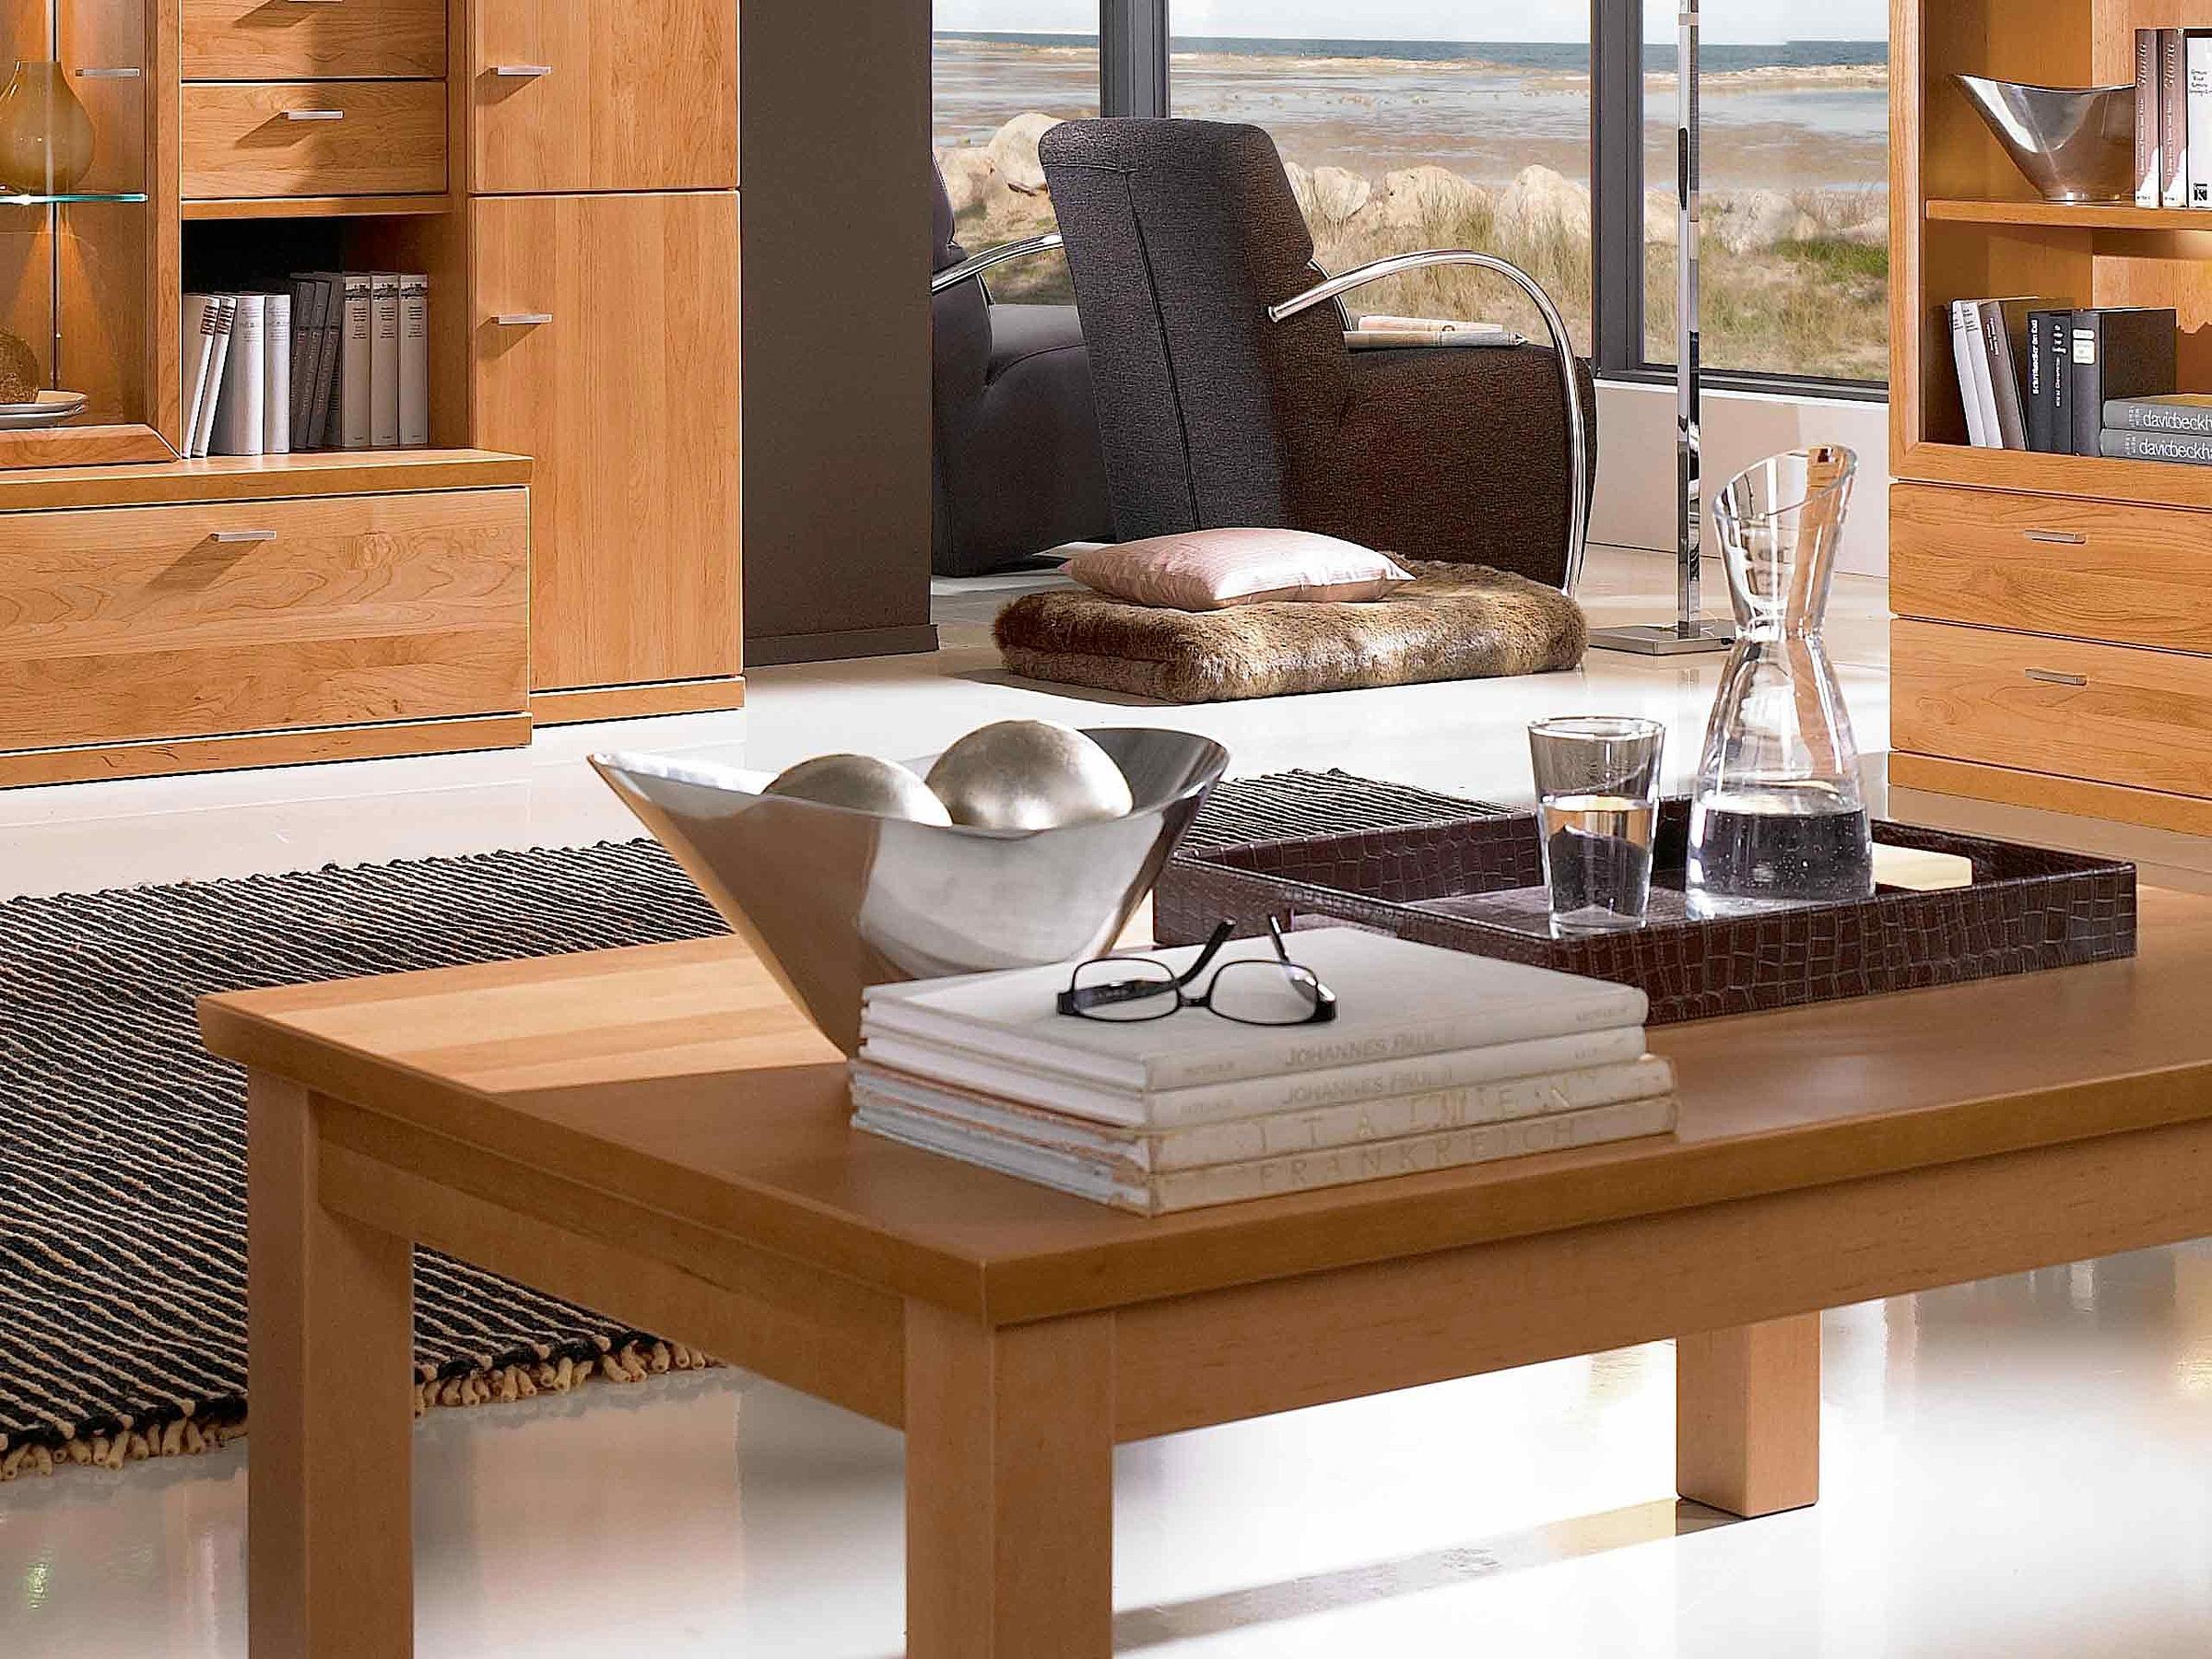 Couchtisch Wohnzimmer Dacapo Holz